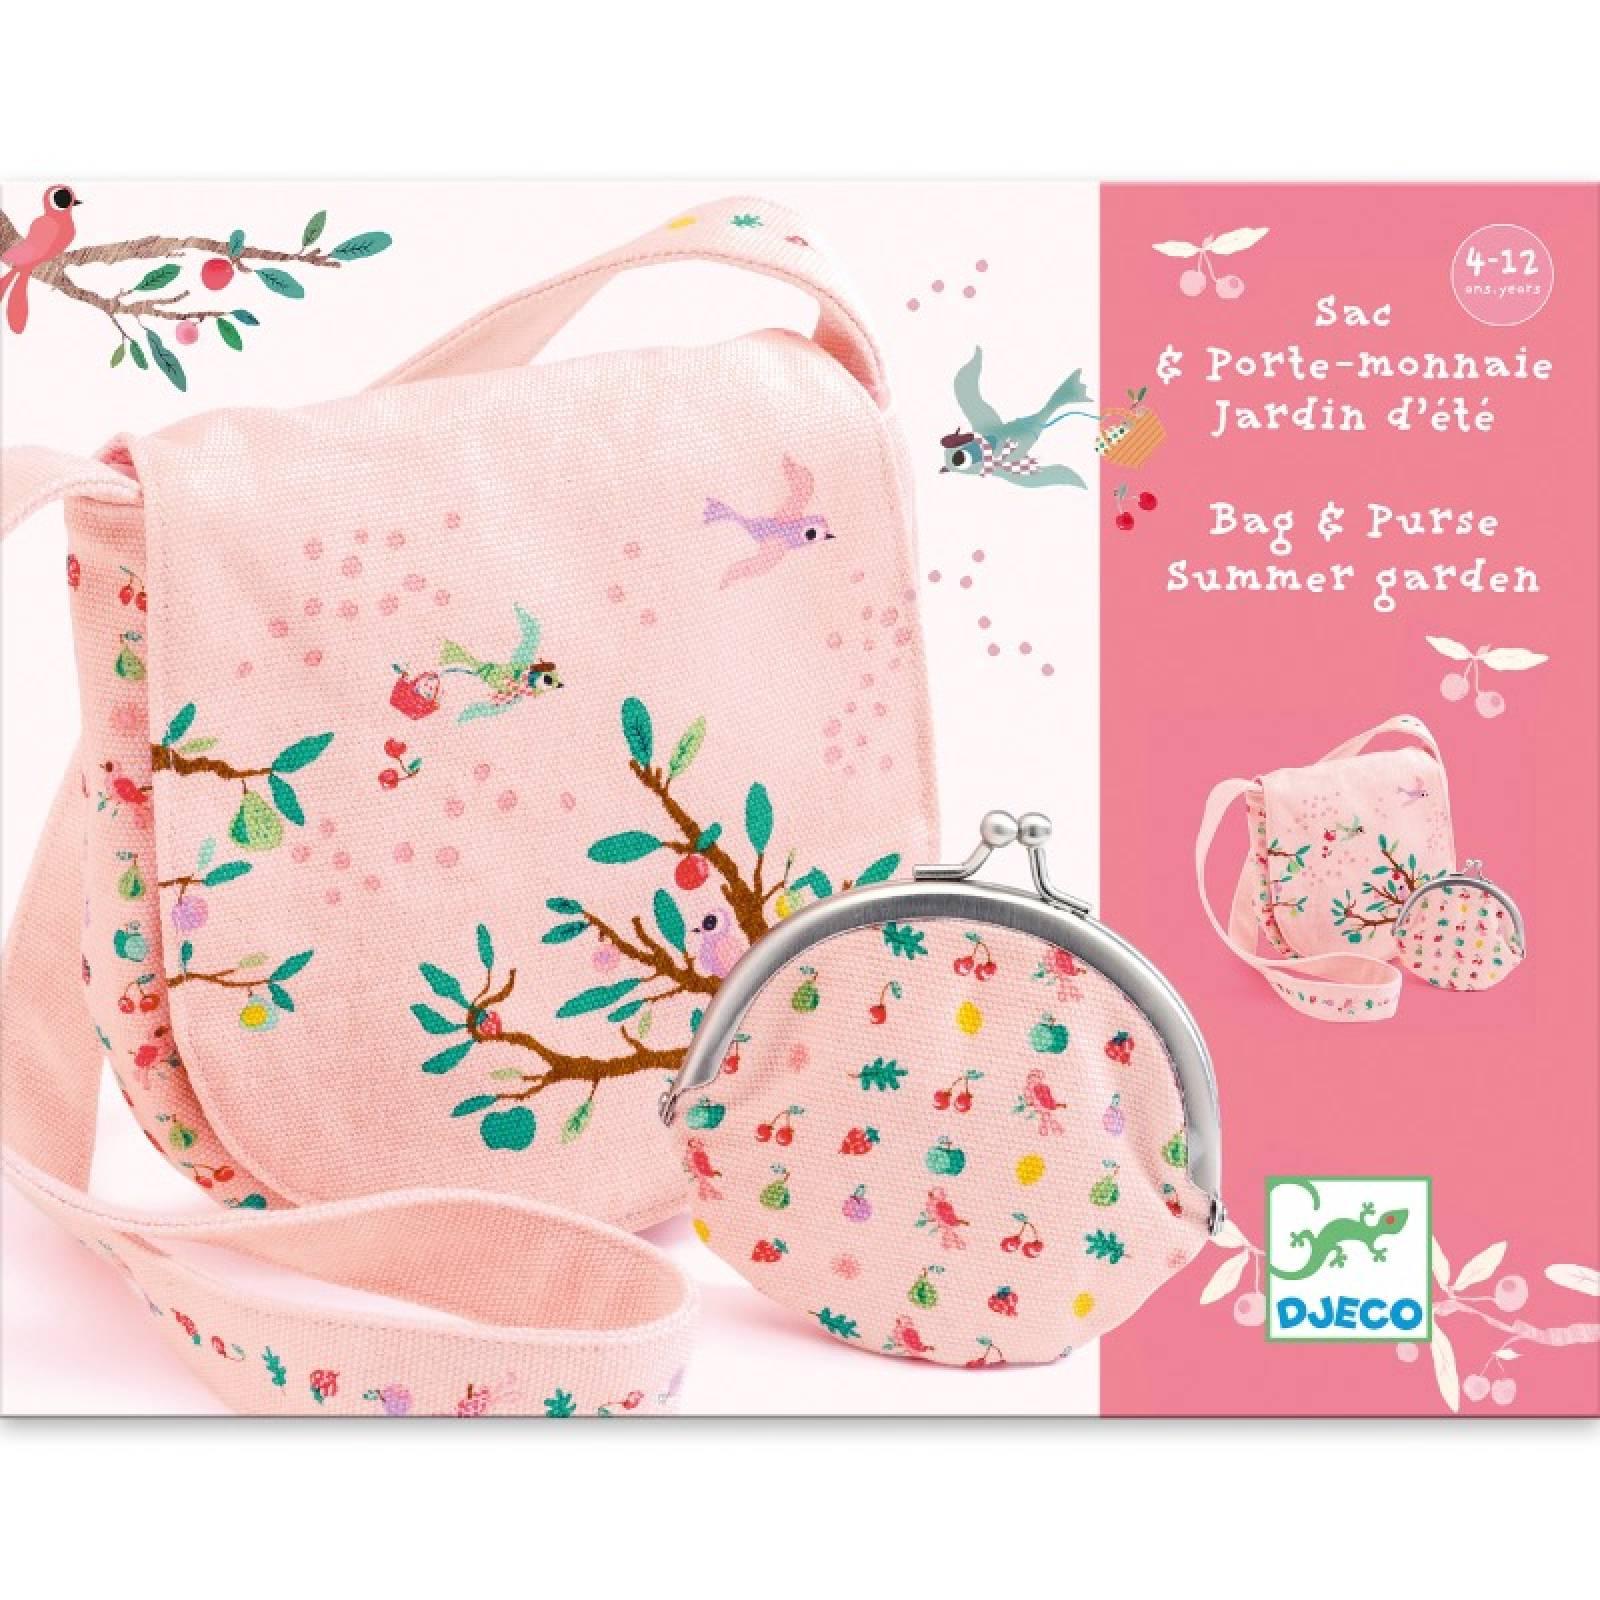 Summer Garden Bag And Purse Set Dress Up 4+ thumbnails